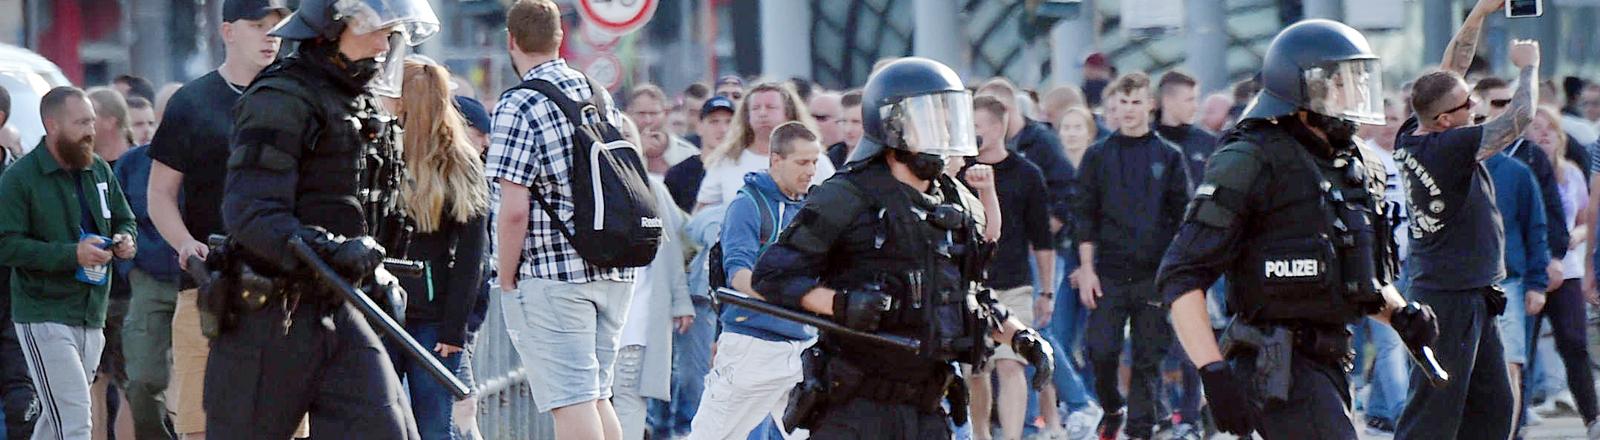 Polizisten bei der Demonstration Chemnitz.